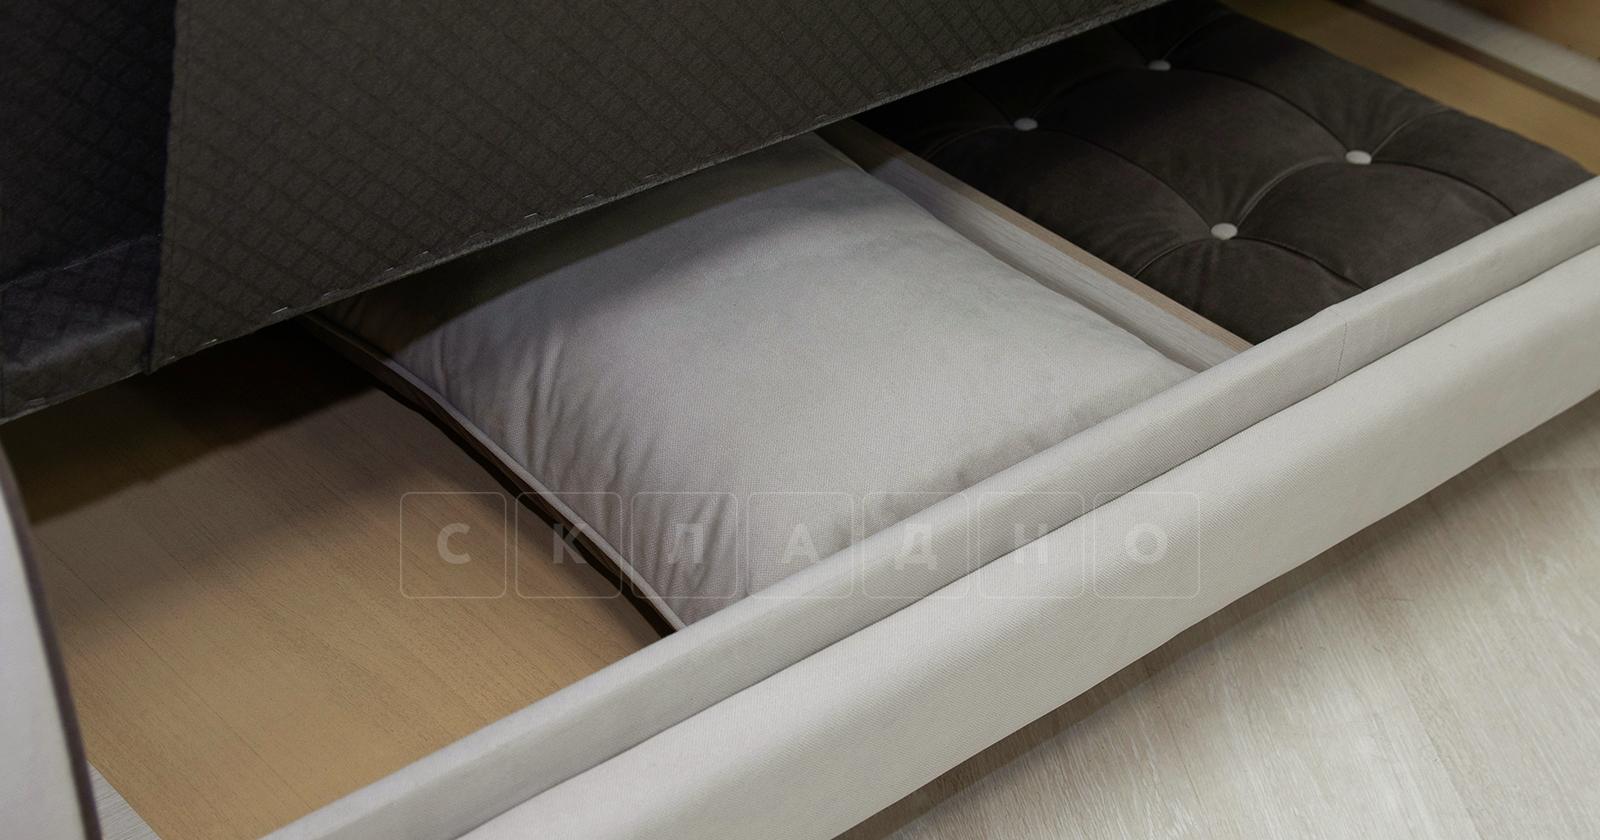 Диван-кровать Флэтфорд серо-бежевый фото 14 | интернет-магазин Складно